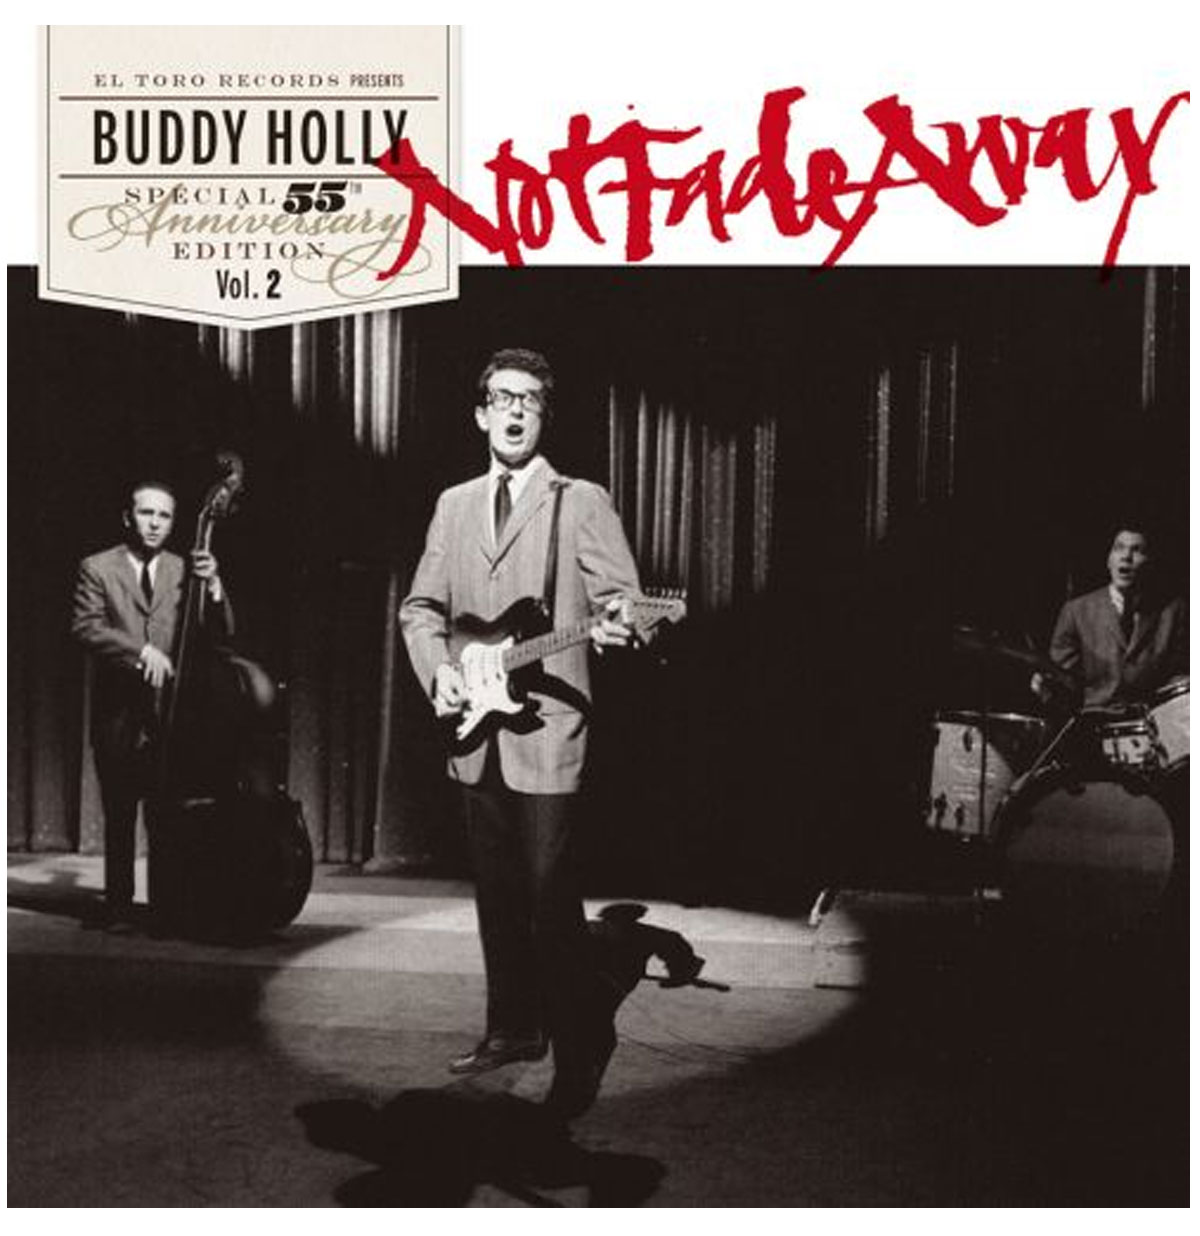 Buddy Holly - Not Fade Away Singel Speciale 55-Jarig Bestaan Editie Vol. 2 (33 r.p.m.)